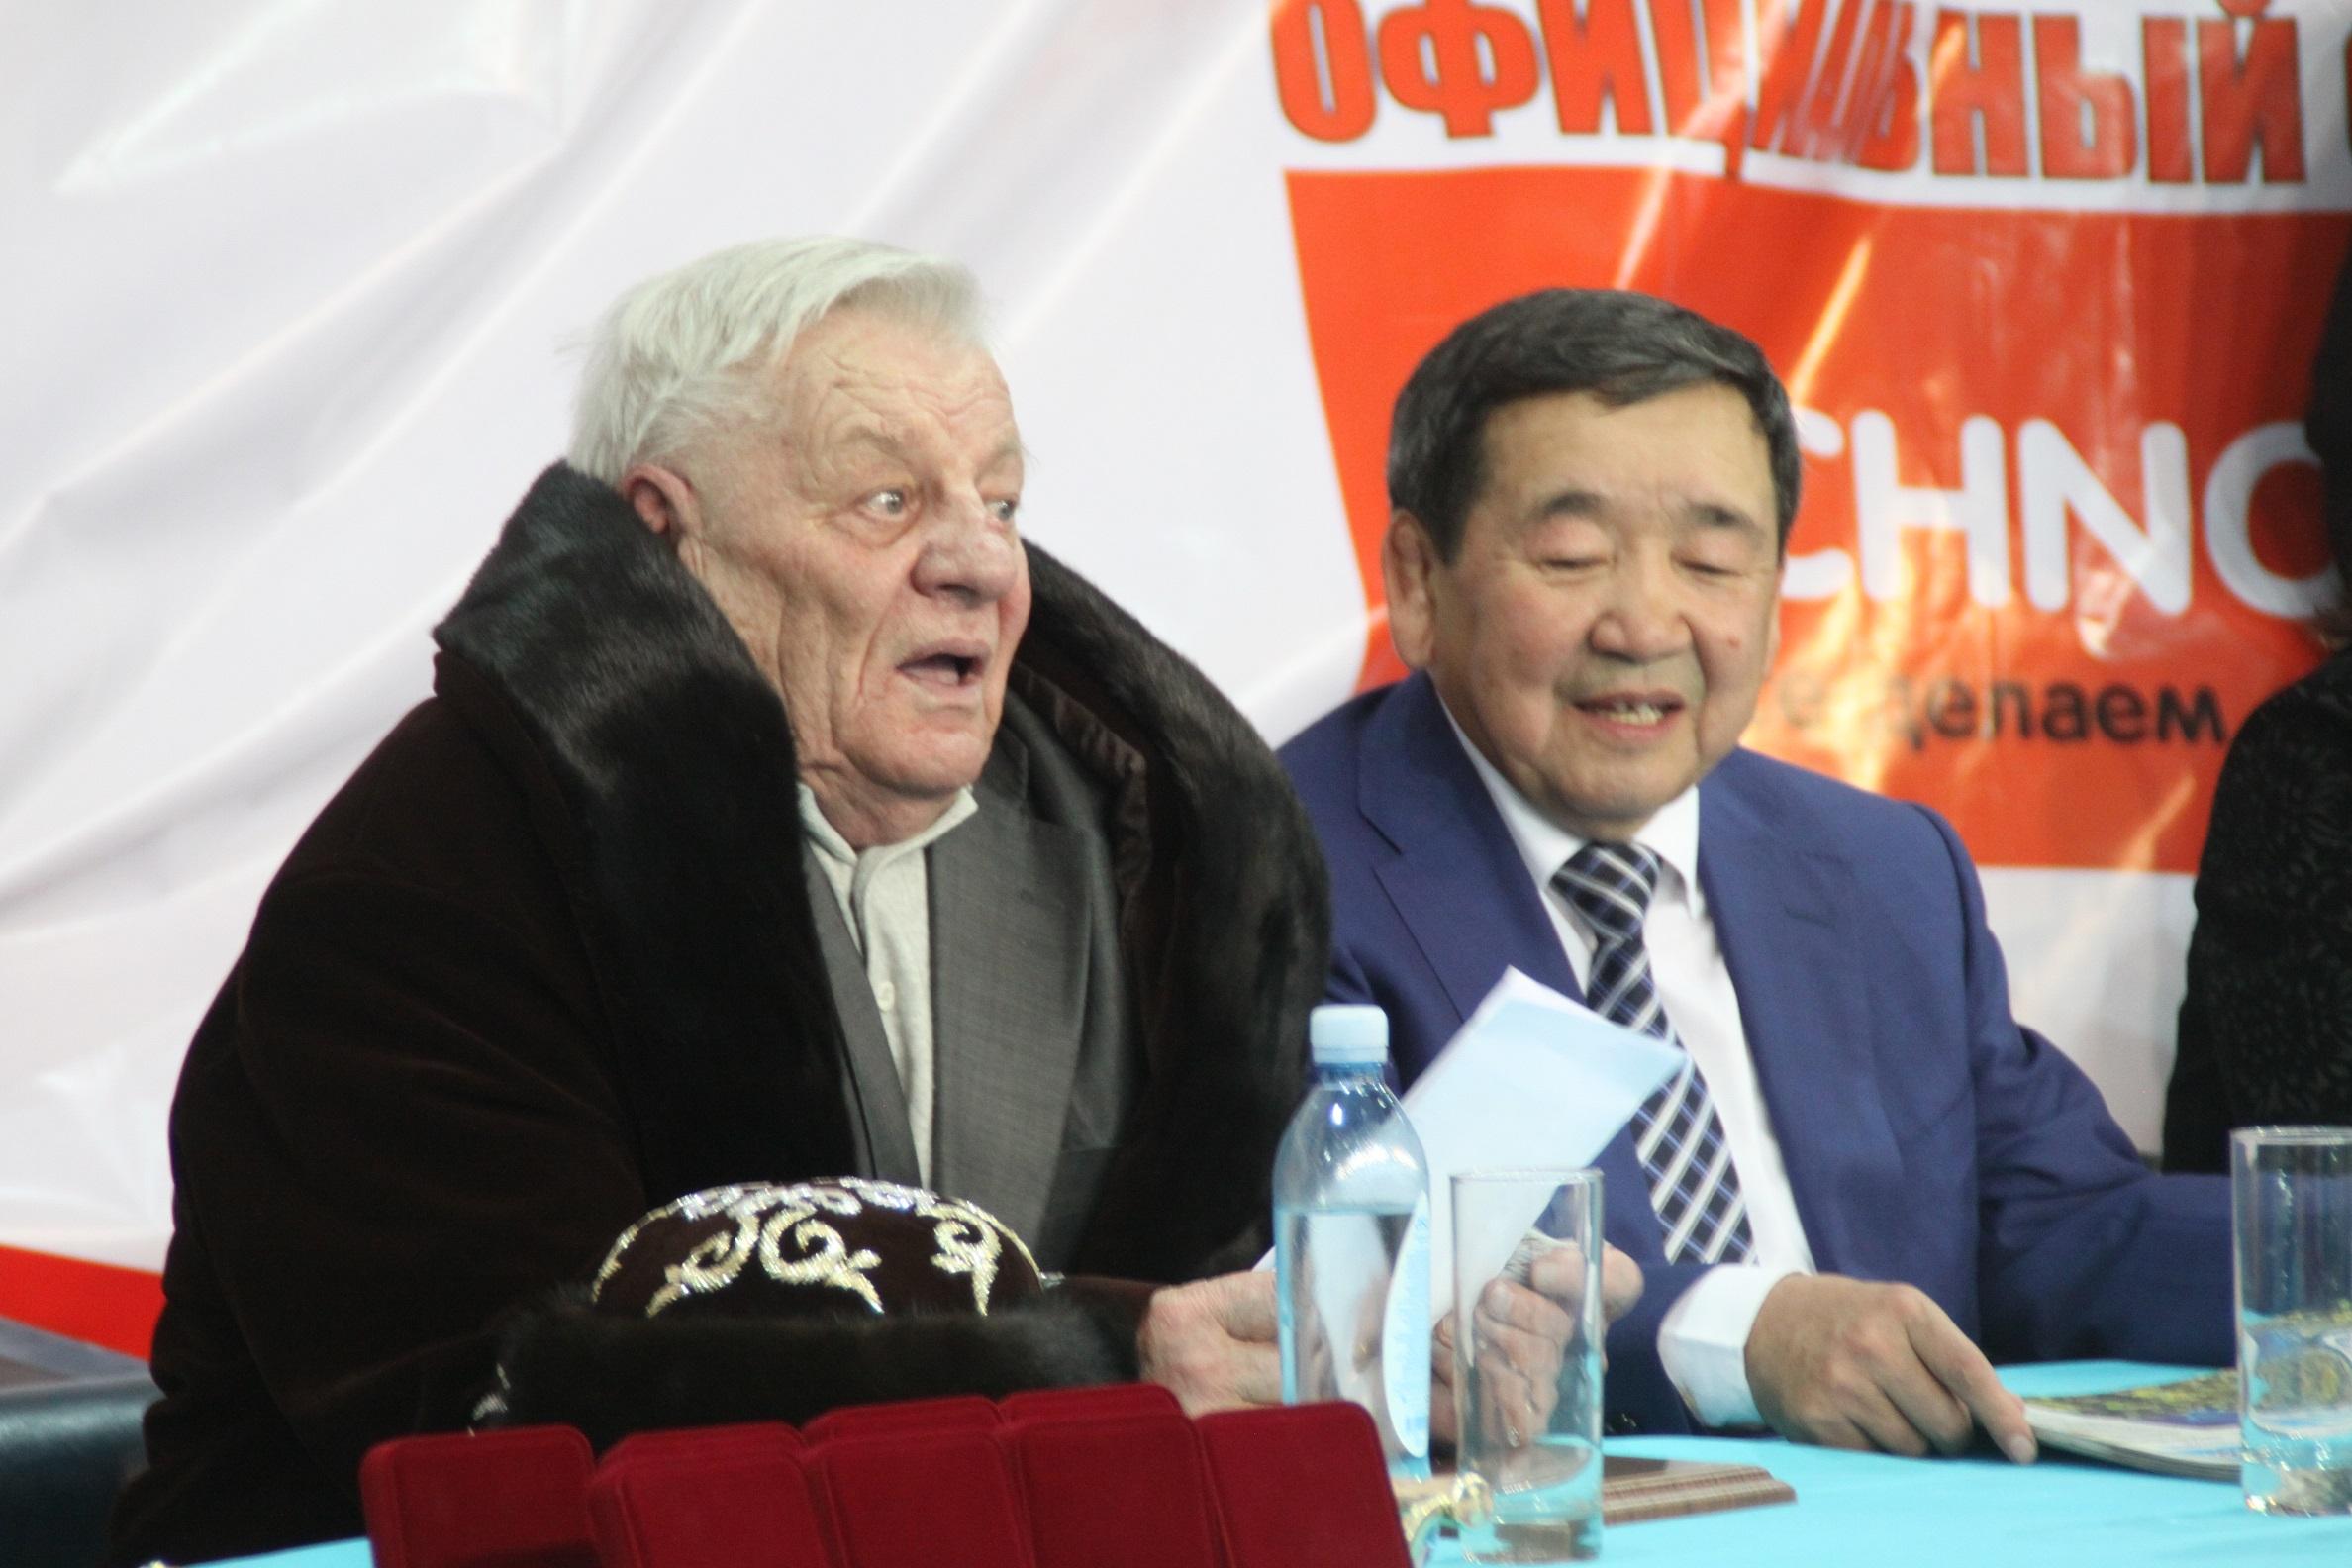 Нурсултан Назарбаев cоболезнует в связи с кончиной тренера по греко-римской борьбе Вадима Псарева